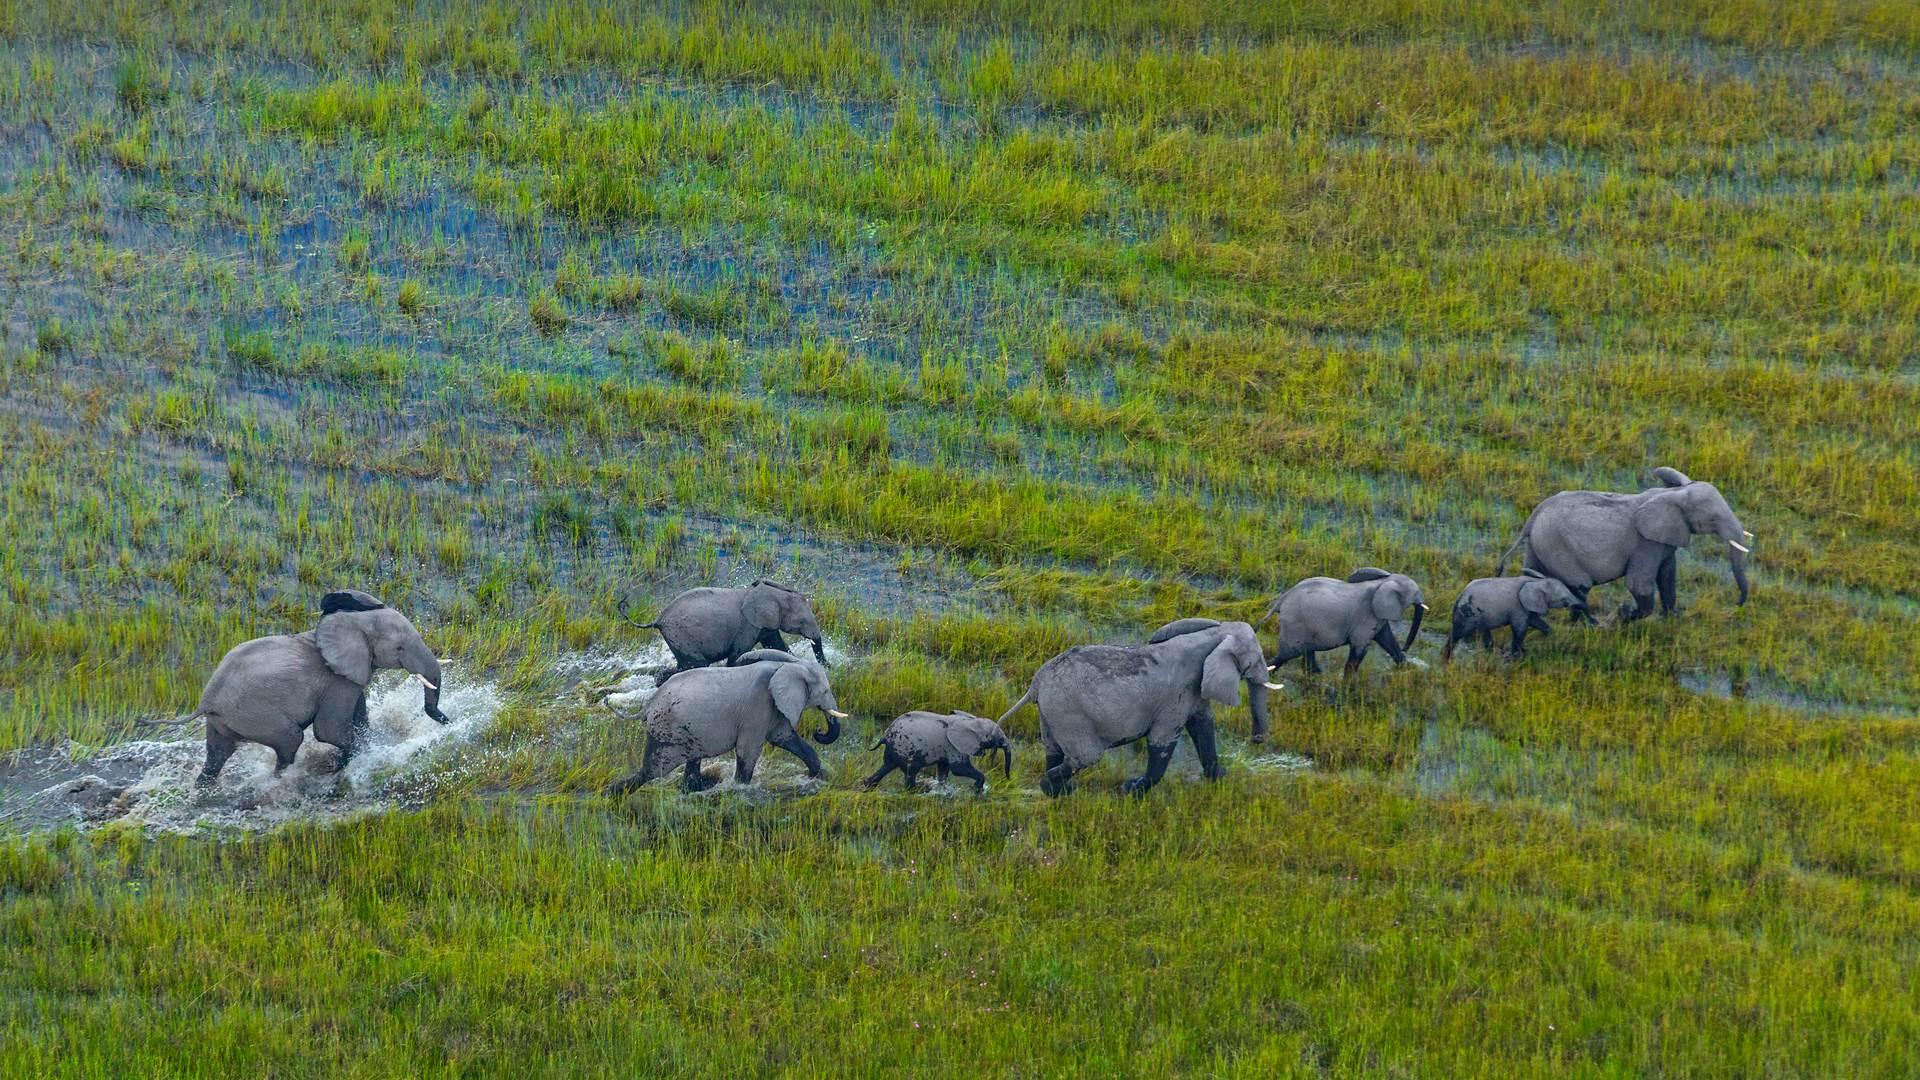 奥卡万戈三角洲上的非洲草原象群,博茨瓦纳